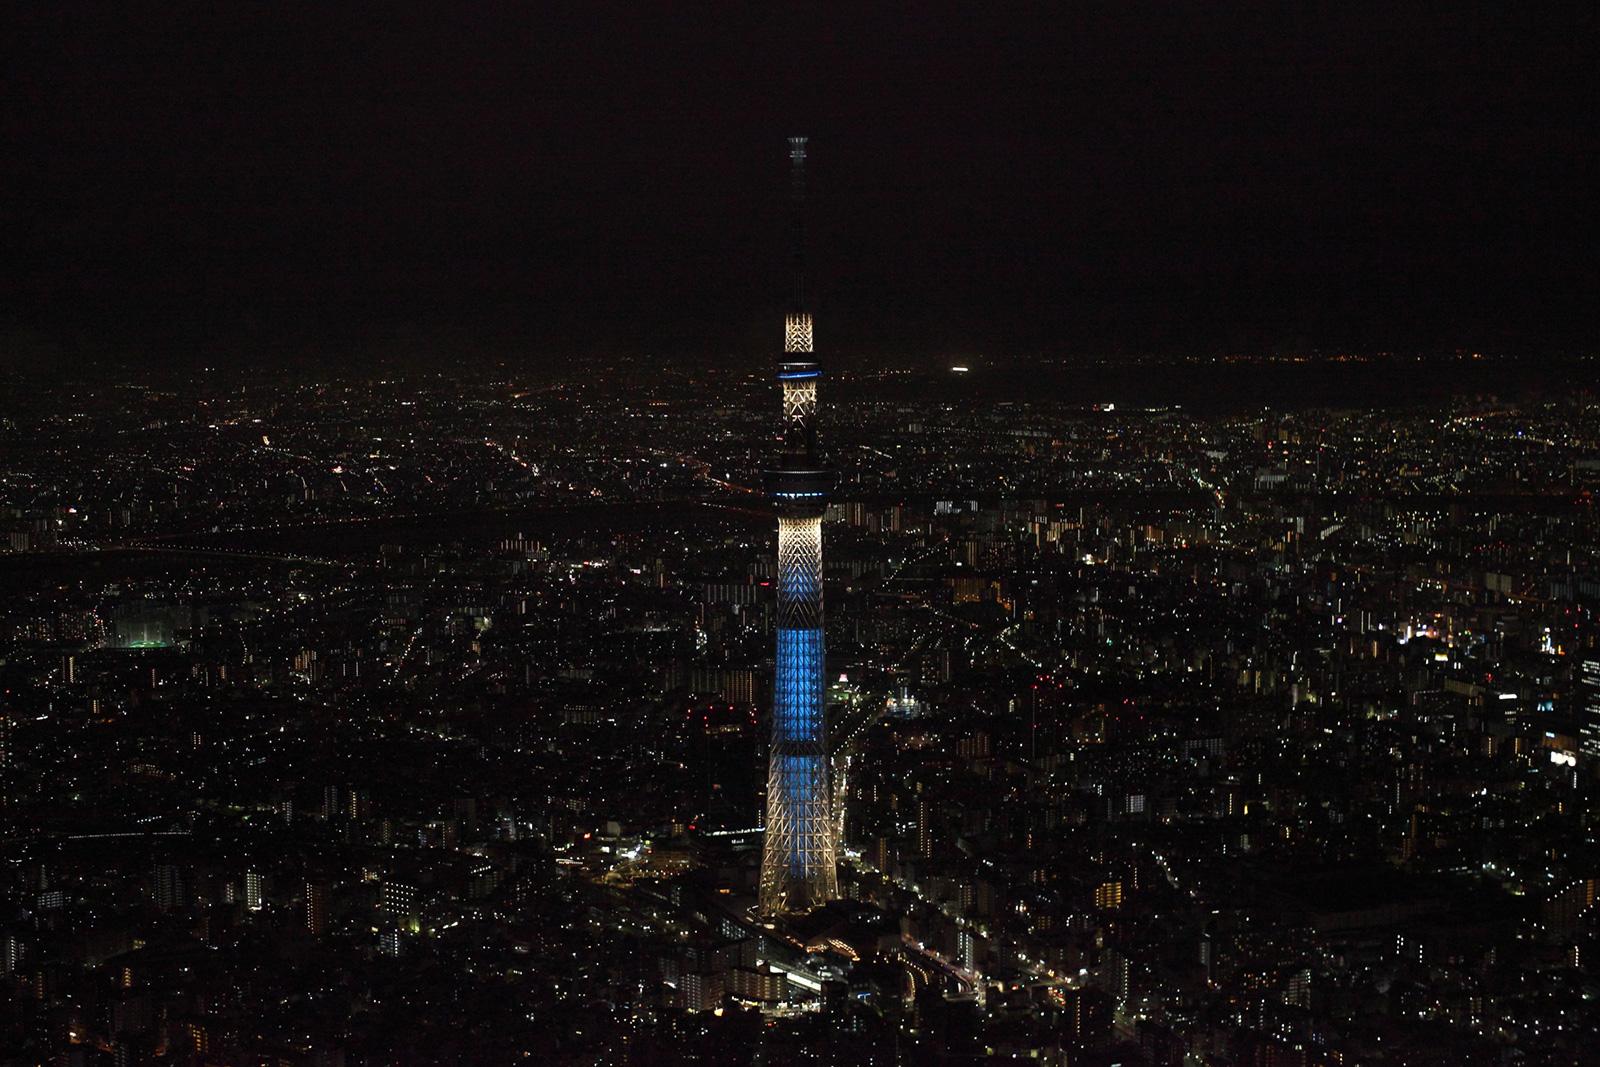 tokyo skytree night view 夜景への招待状